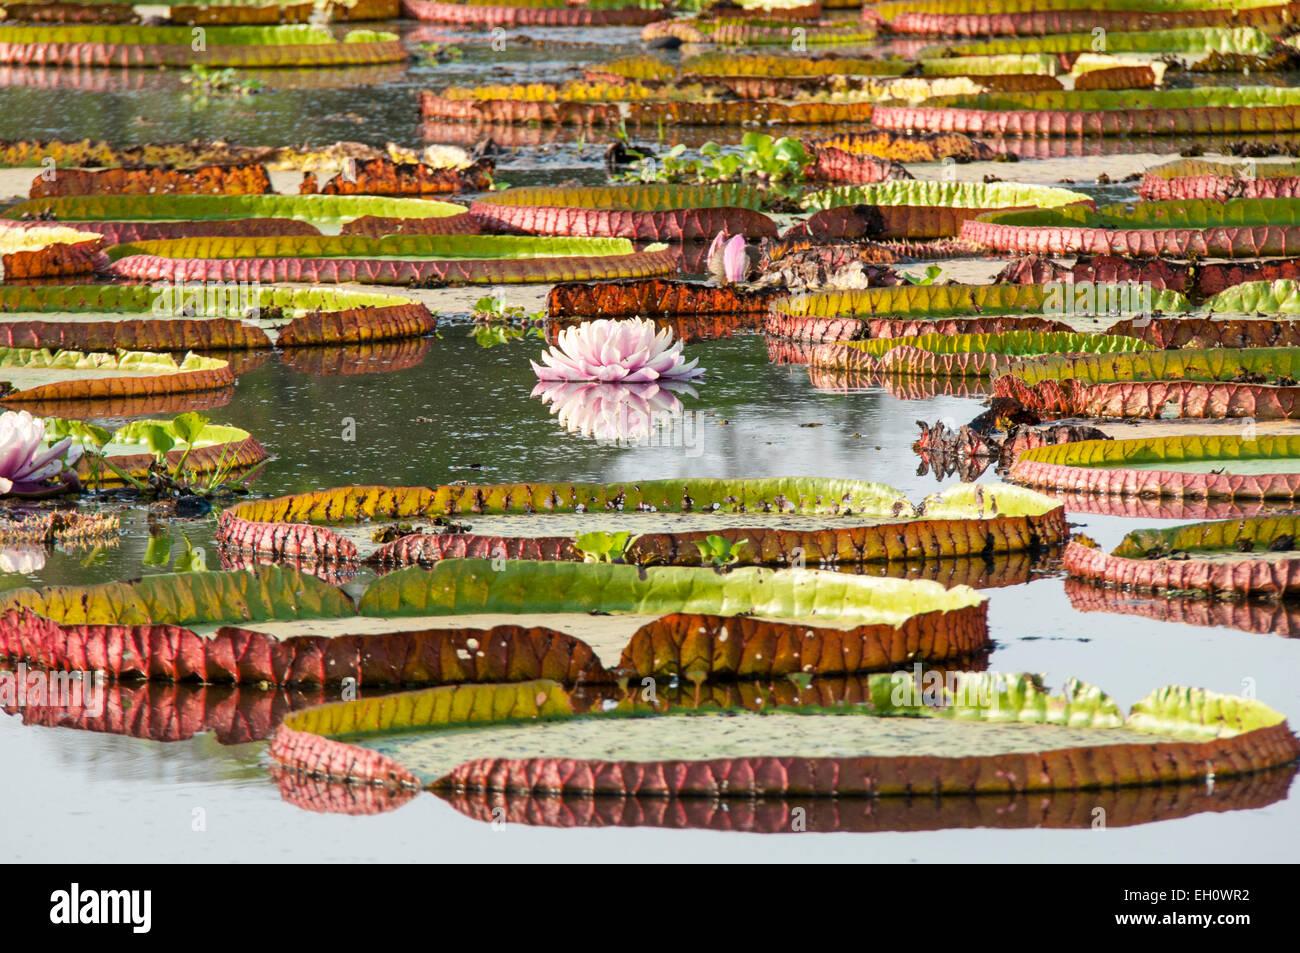 Nénuphars géants, Victoria Amazonica, autrefois appelé Victoria Regia, Panantal, Mato Grosso, Brésil, Photo Stock